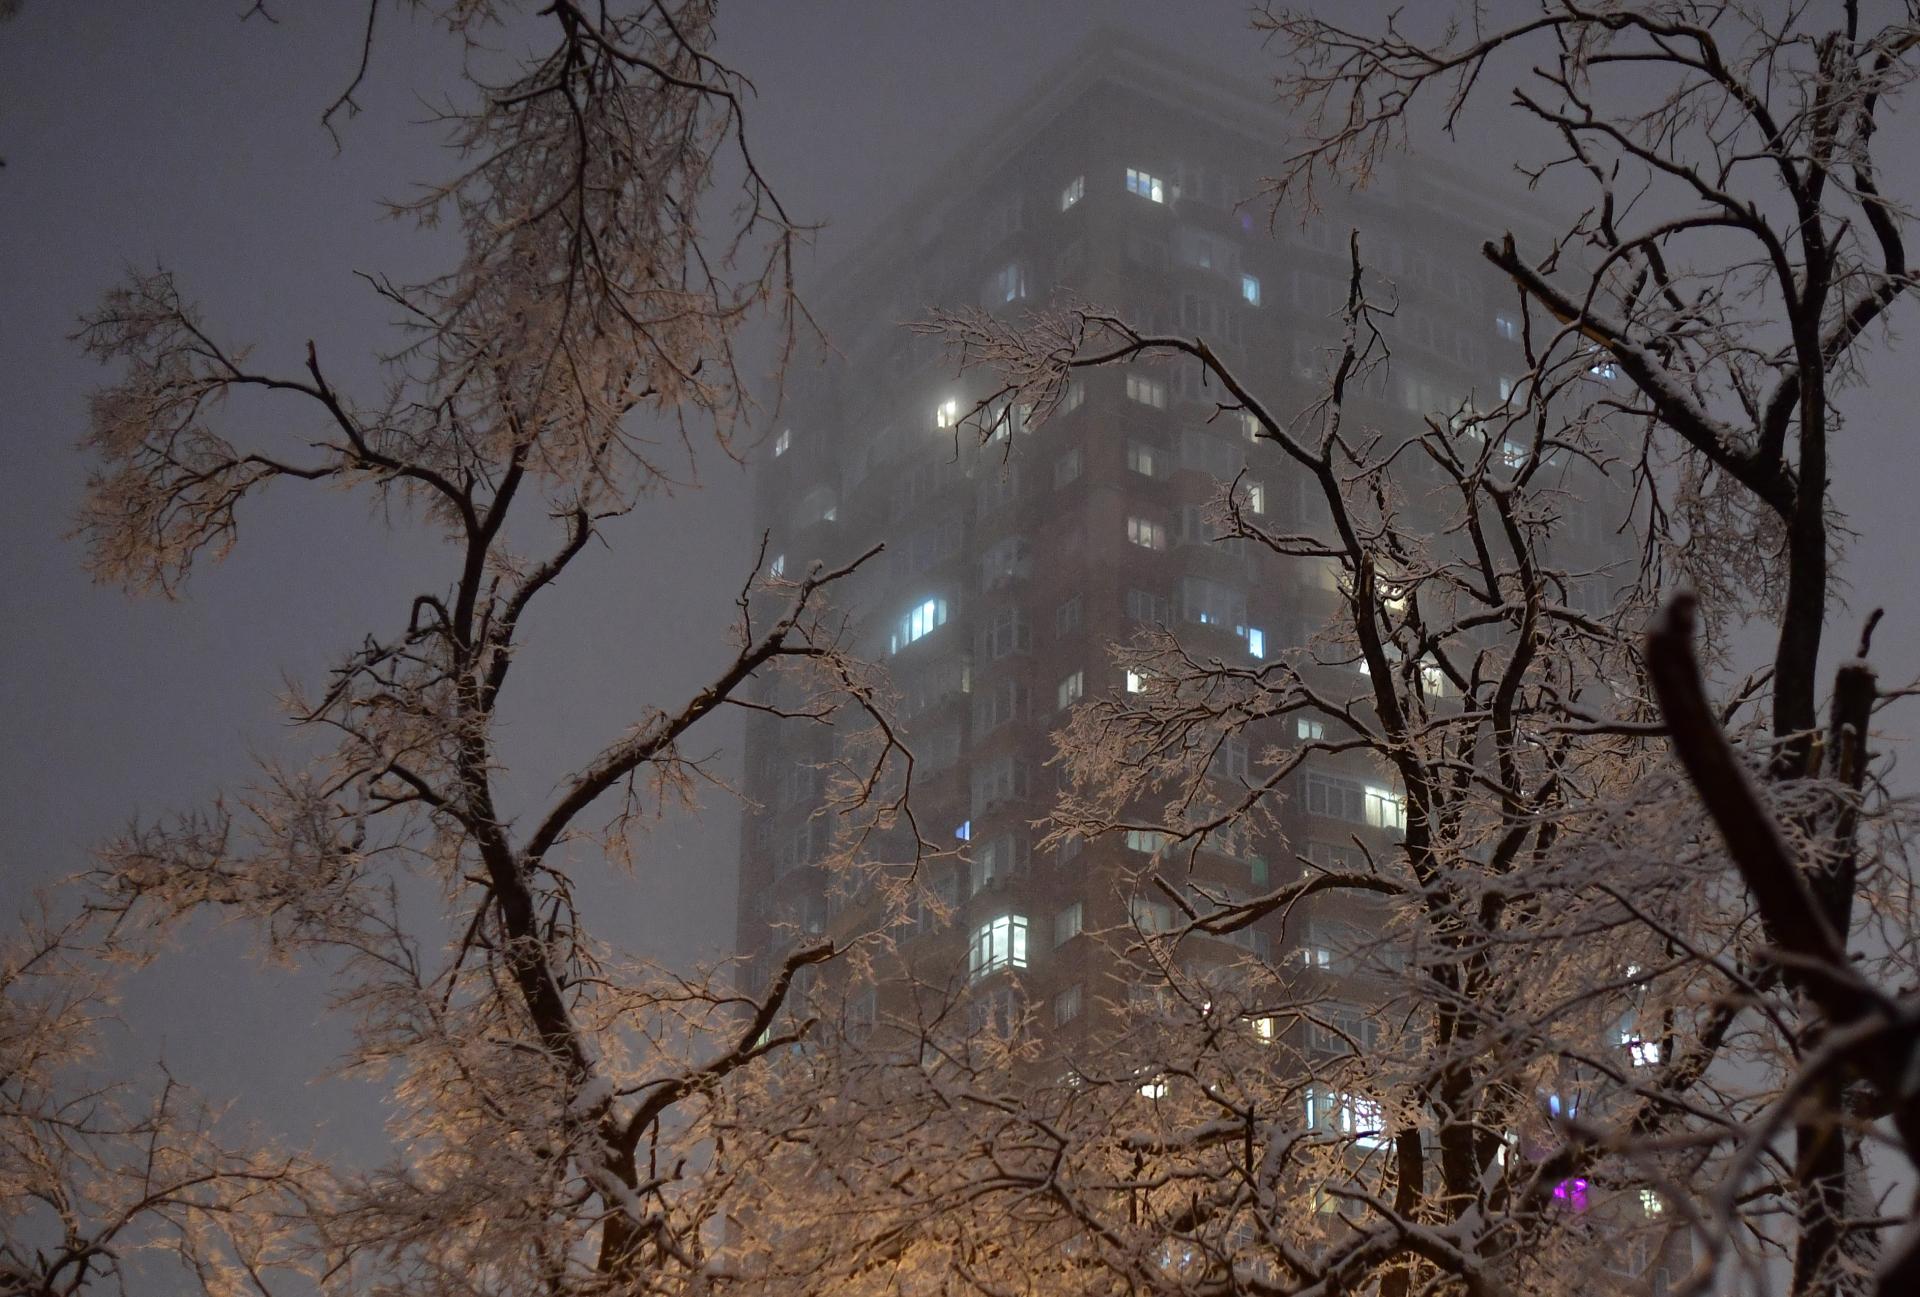 Владивосток. Вид на многоэтажный дом через заснеженные деревья